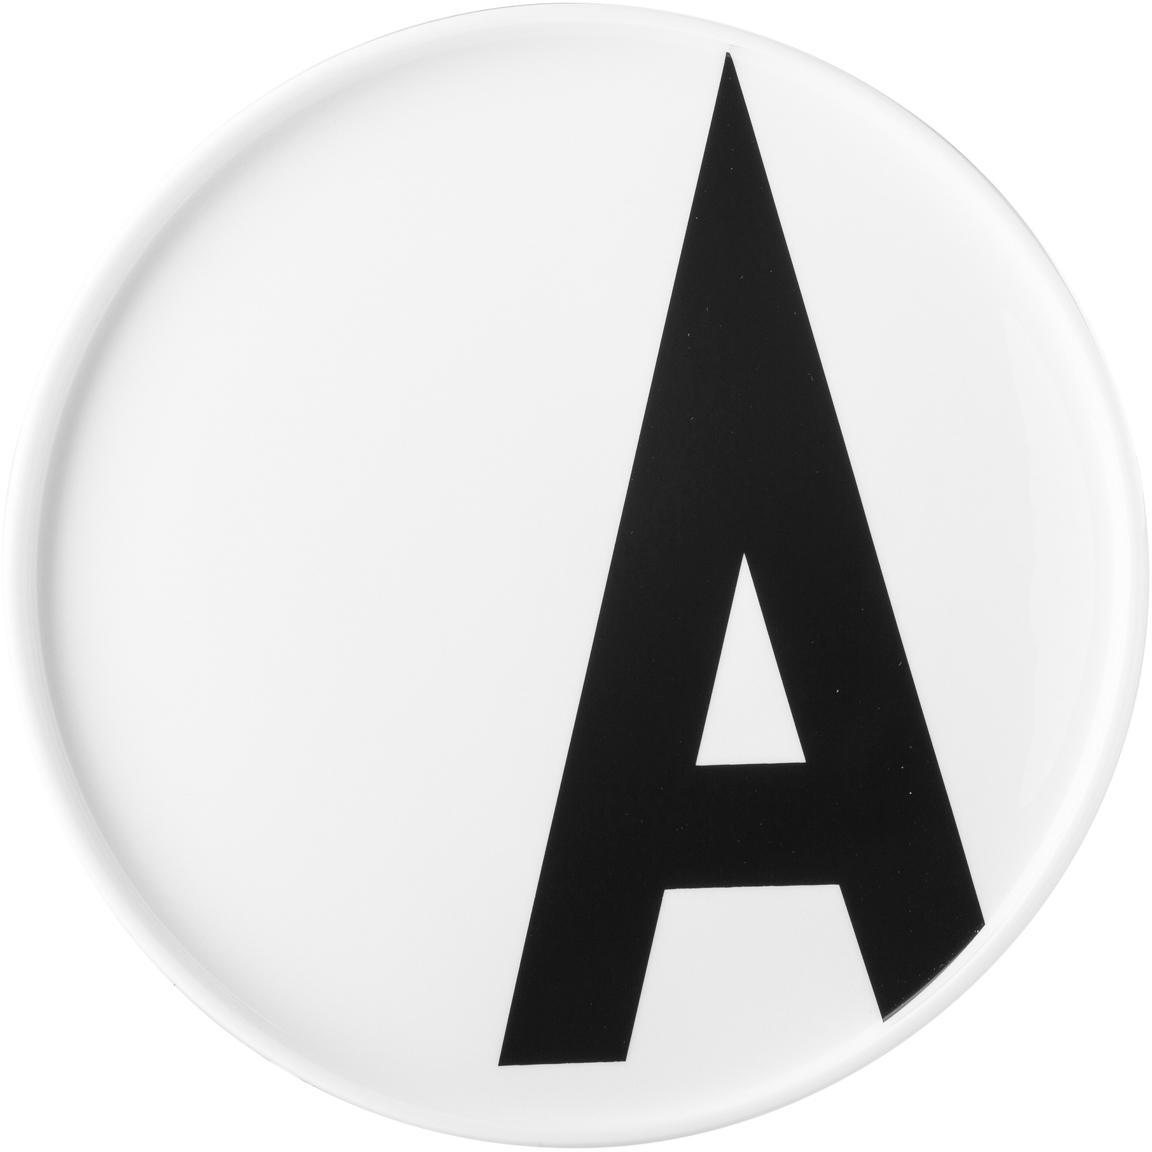 Plato postre de diseño Personal (variantes de A a Z), Porcelana fina de hueso (porcelana) Fine Bone China es una pasta de porcelana fosfática que se caracteriza por su brillo radiante y translúcido., Blanco, negro, Ø 22 x Al 2 cm